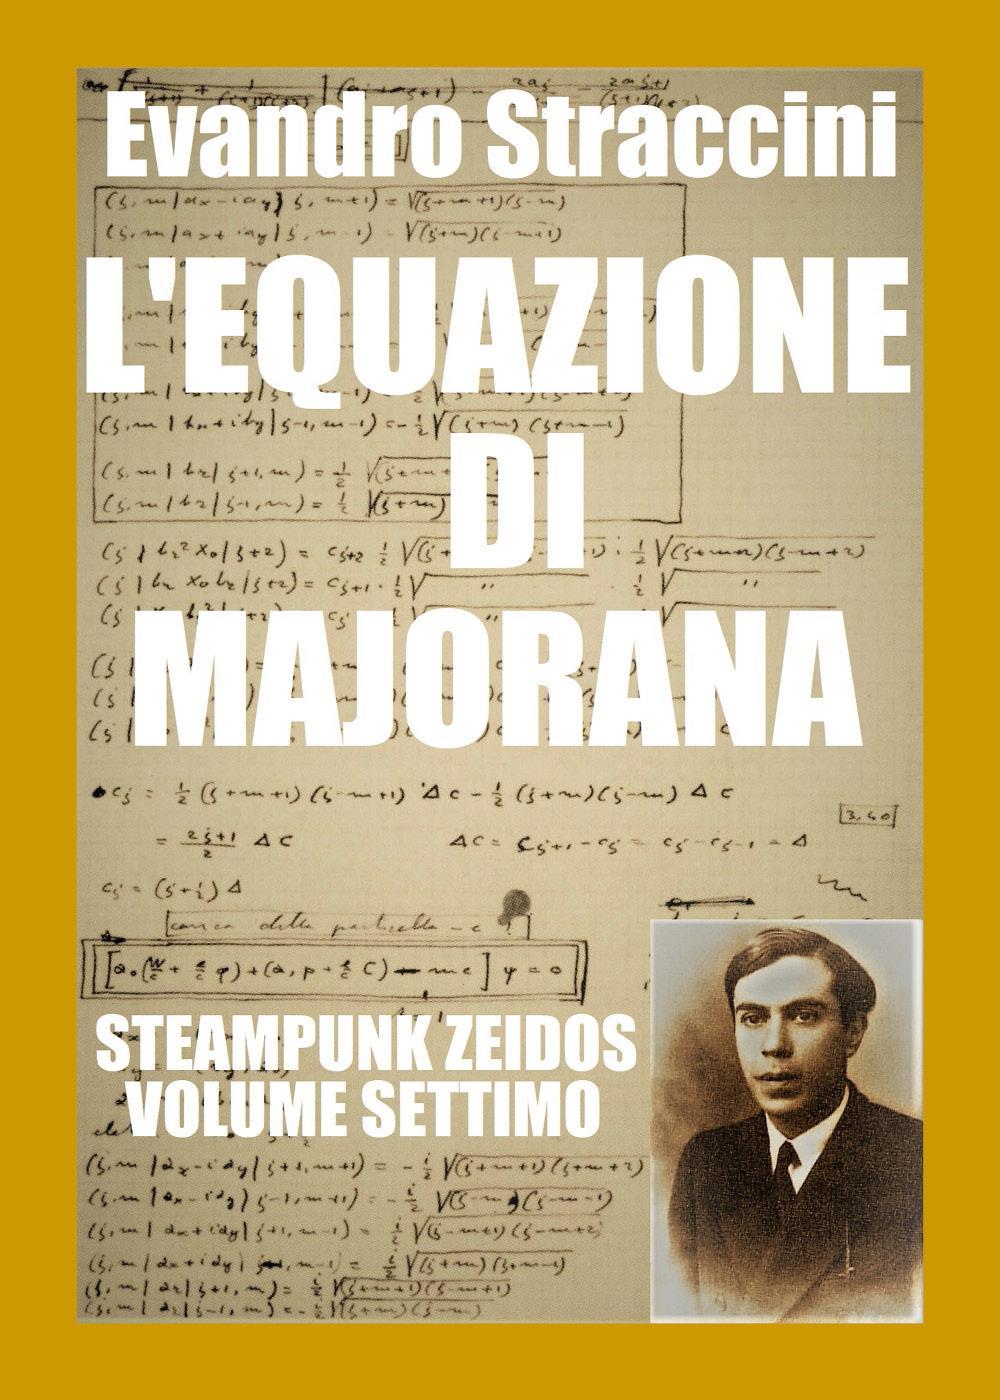 L'Equazione di Majorana - Steampunk Zeidos volume settimo